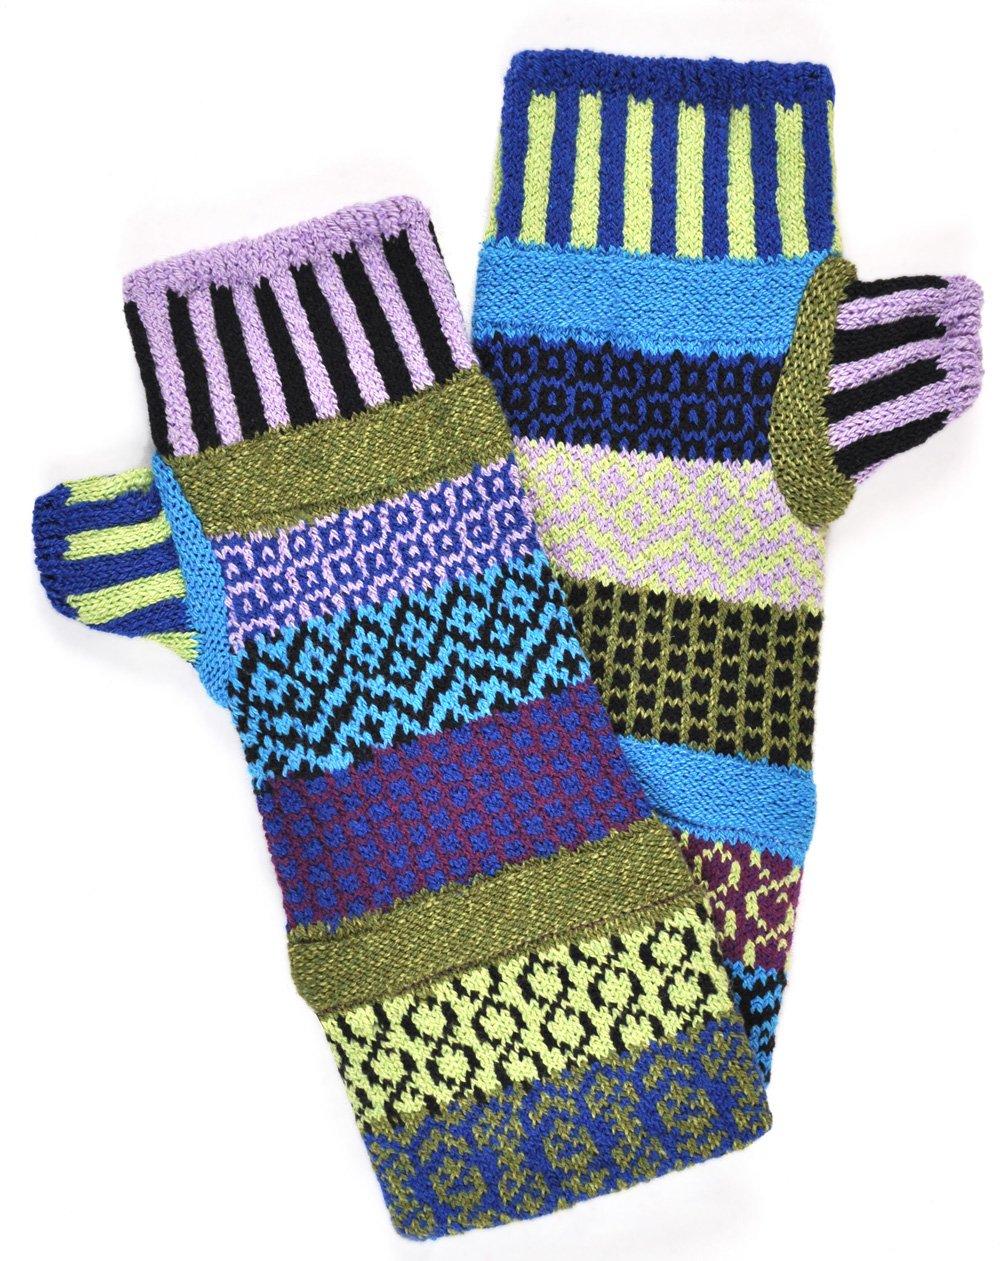 Solmate Socks Poinsettia Mismatched Fingerless Gloves for Men or Women